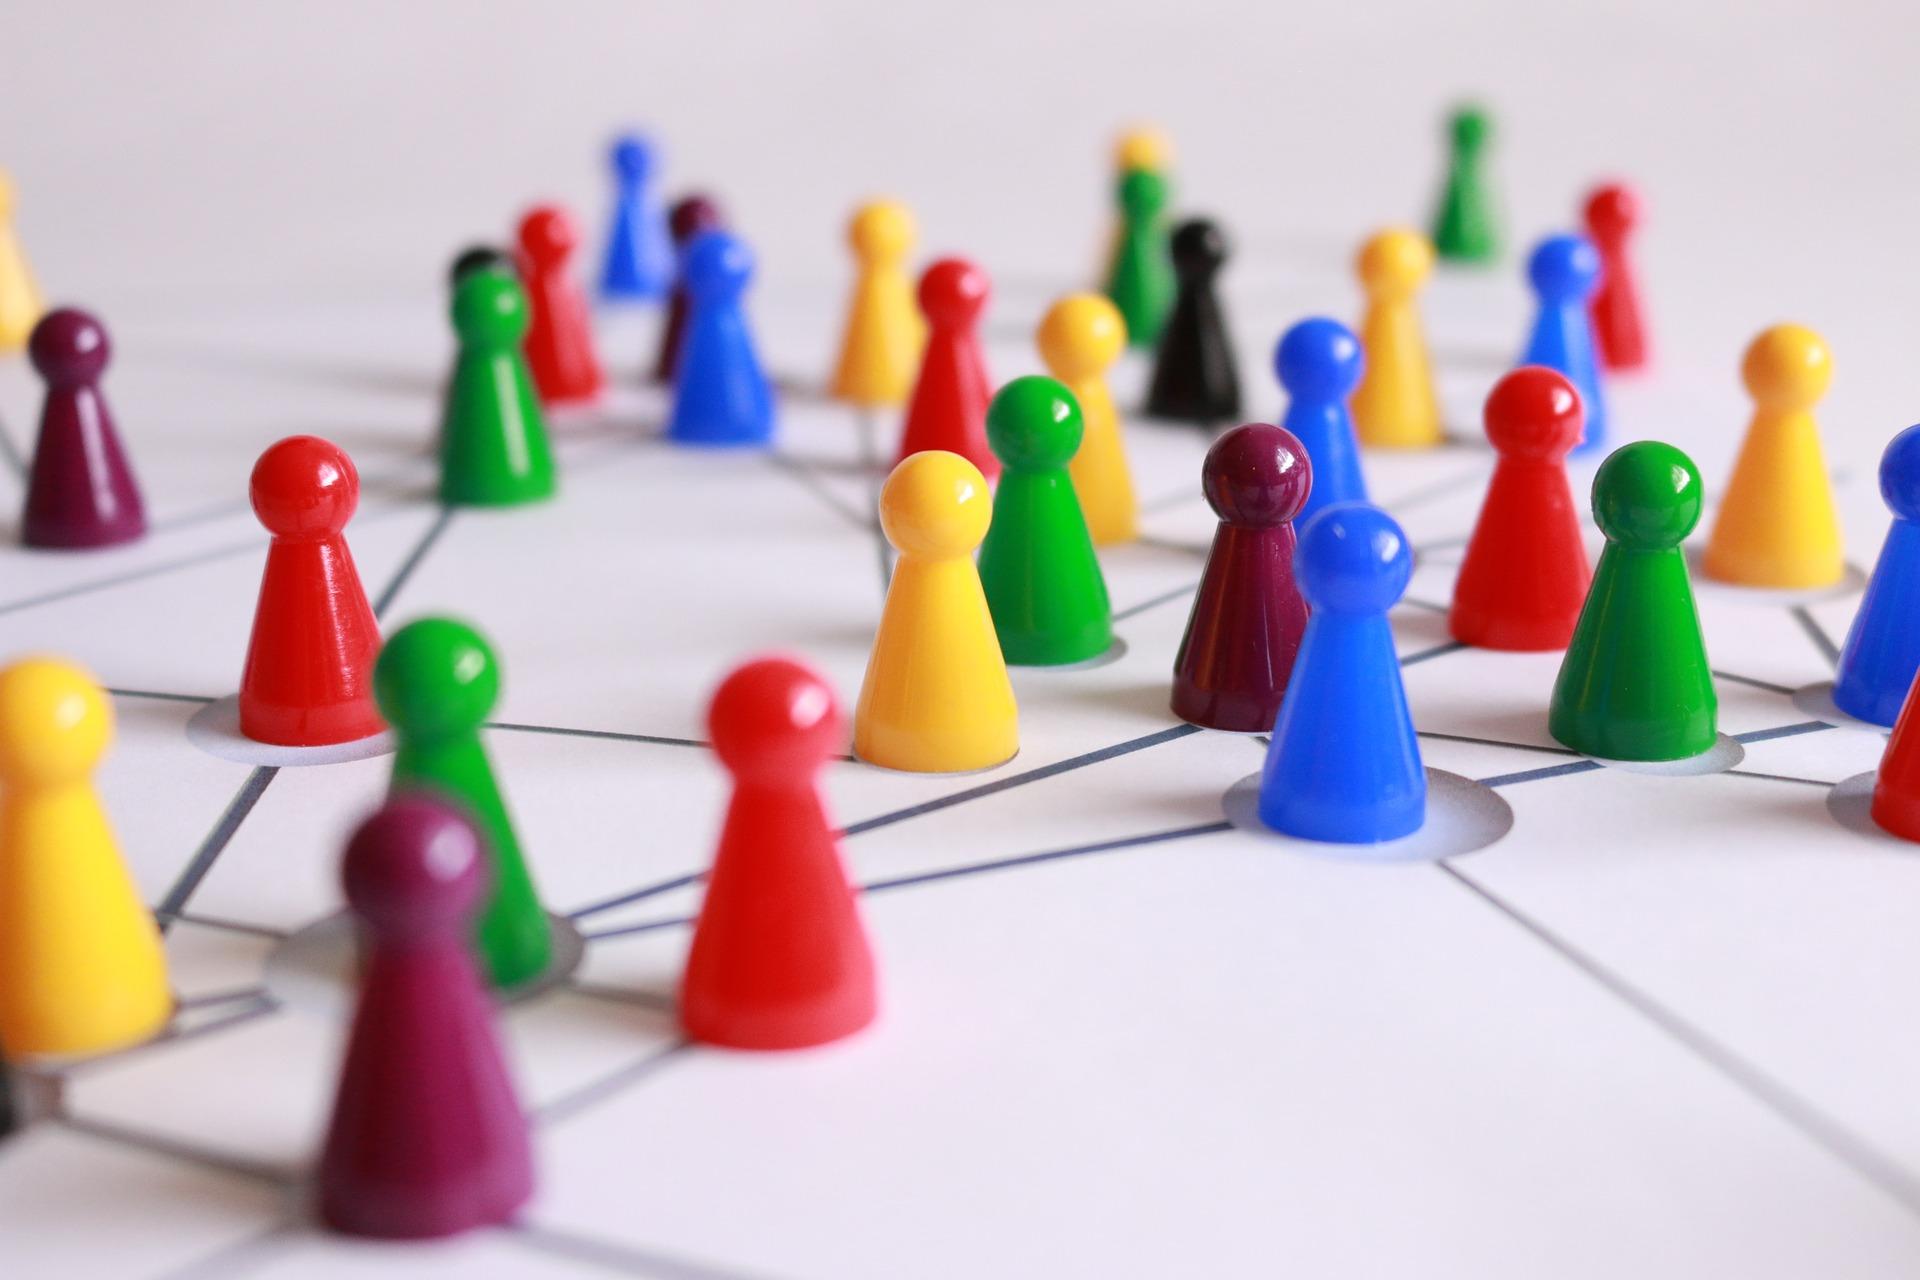 Workshop-Empfehlung: Entscheidungsprozesse in Gruppen moderieren.